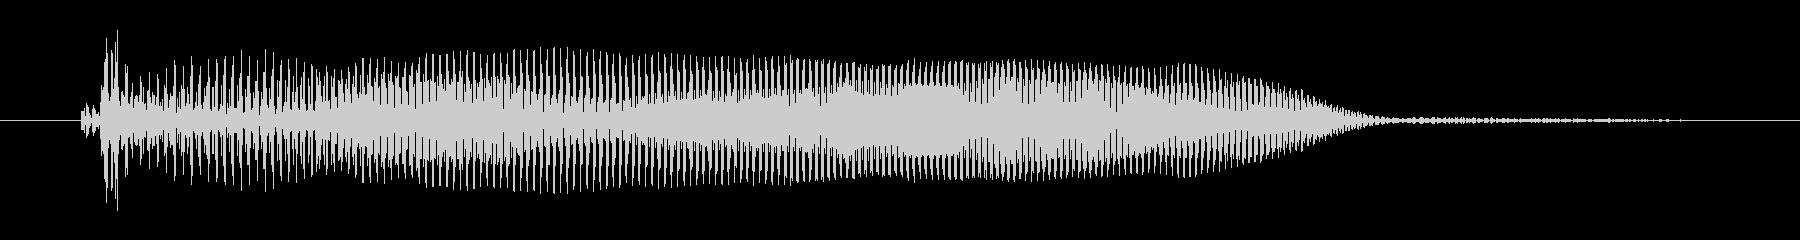 リトルレッドモンスター:Oの未再生の波形